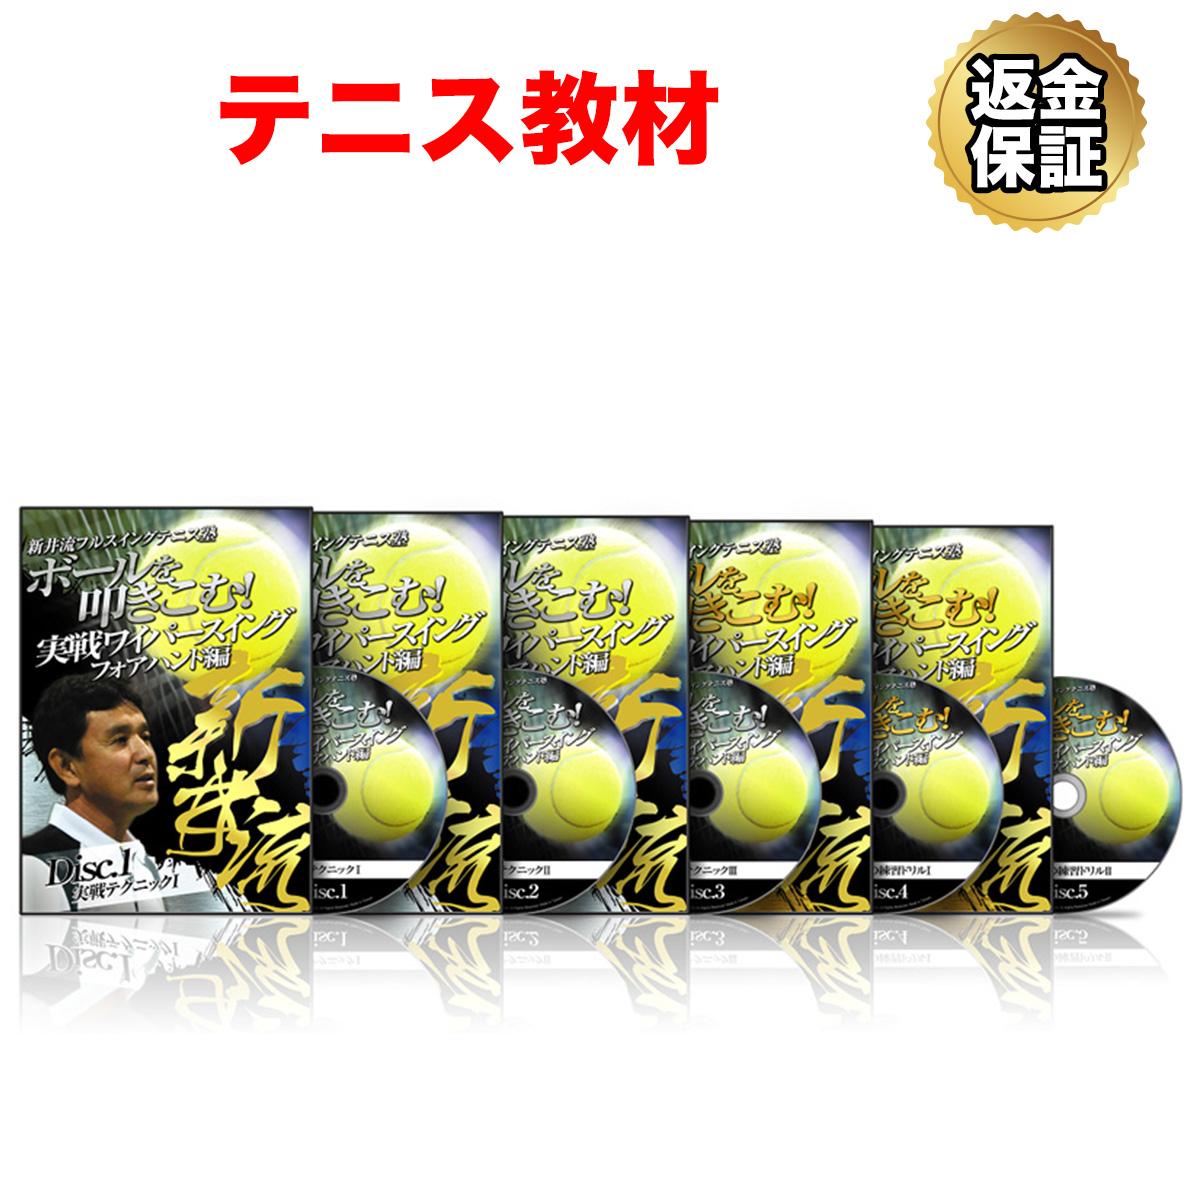 【テニス】新井流フルスイングテニス塾 ボールを叩きこむ! 実戦ワイパースイング フォアハンド編